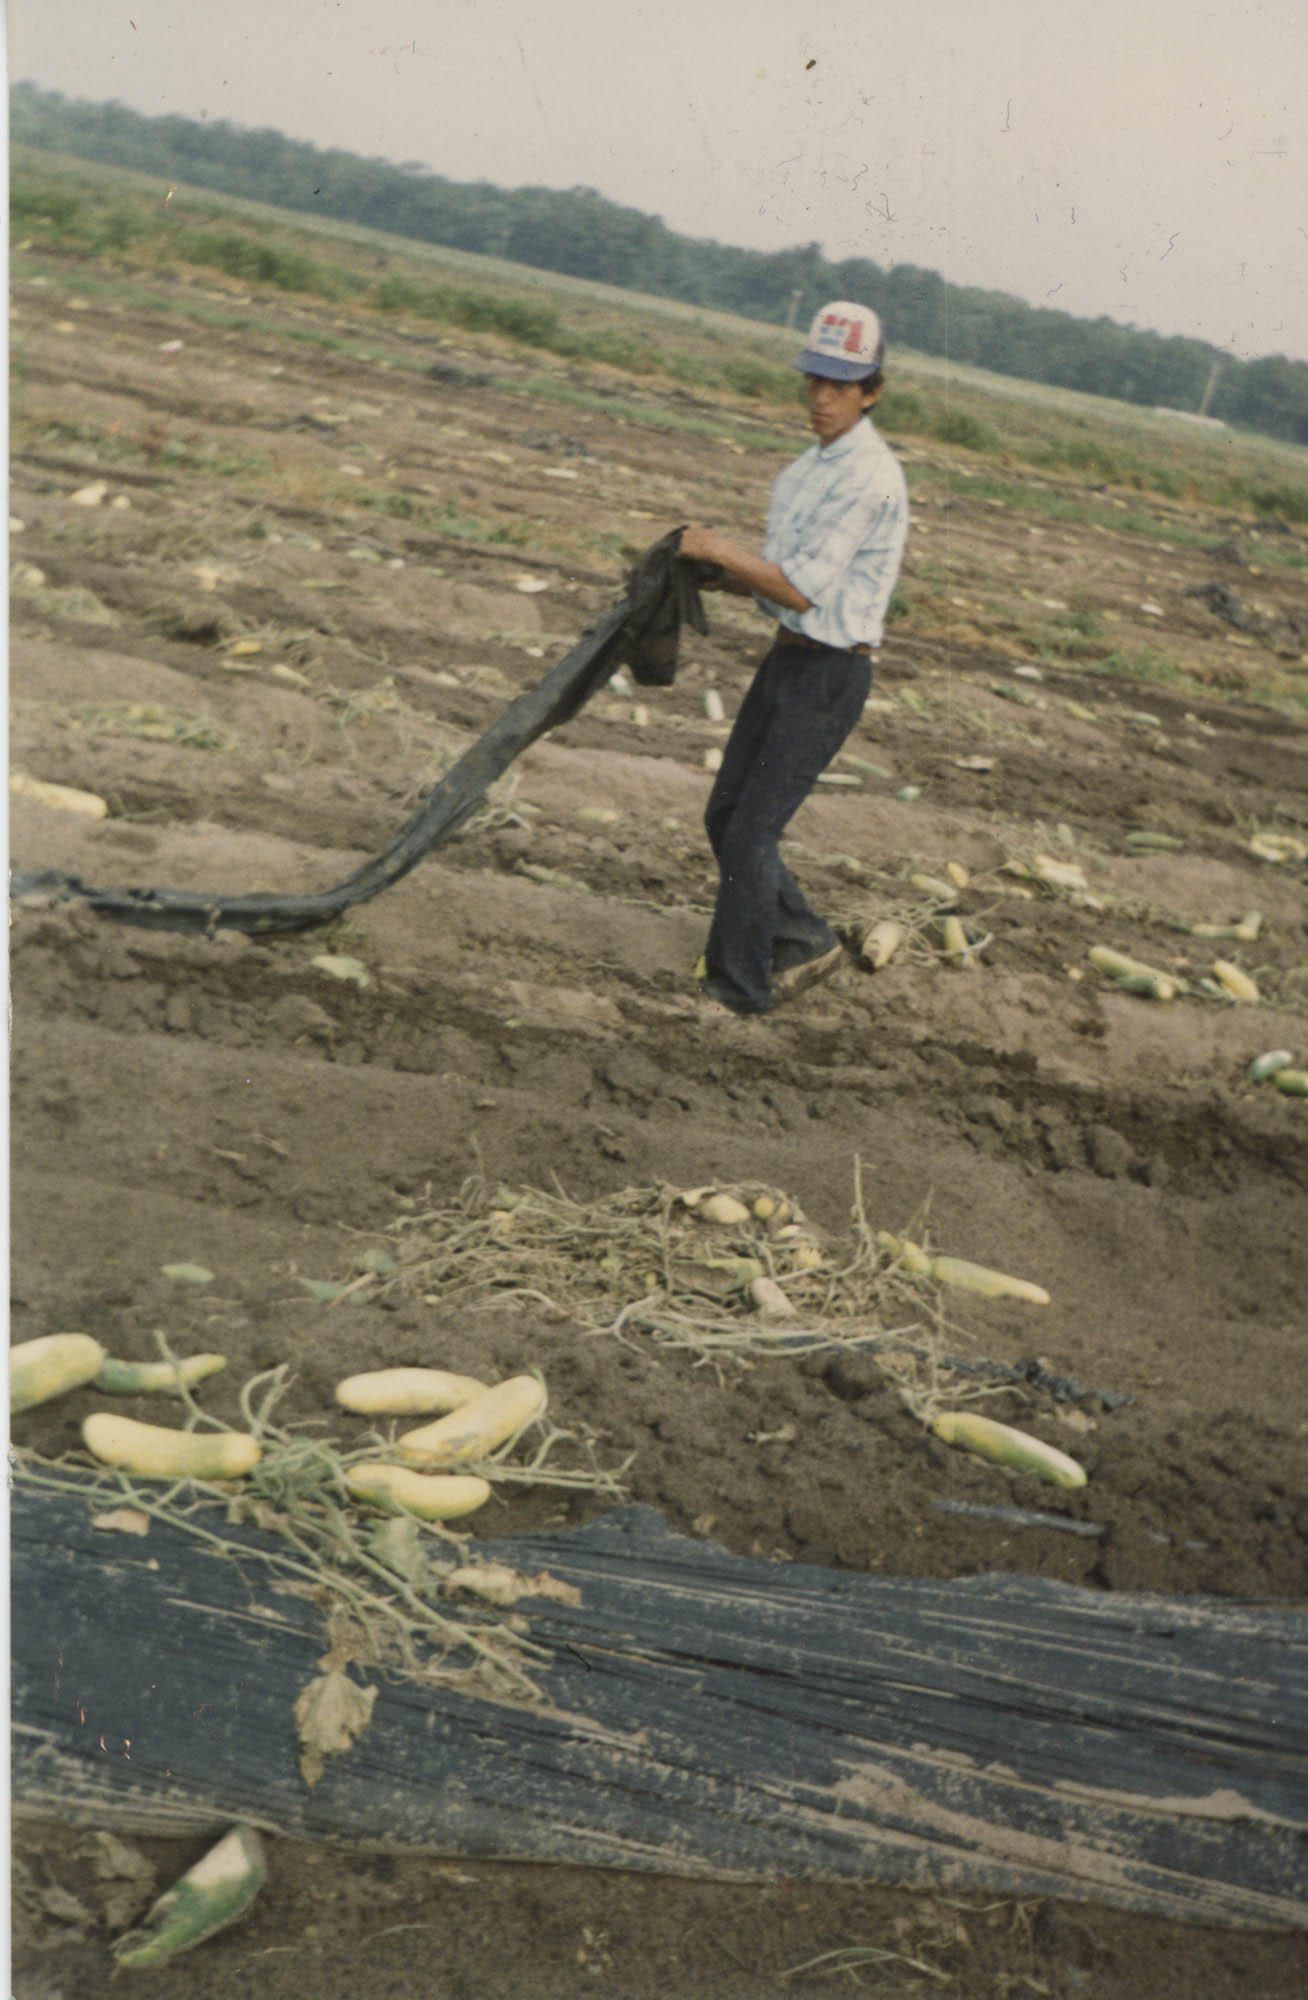 Fotografía de un trabajador agrícola  /  Photograph of Agricultural Worker